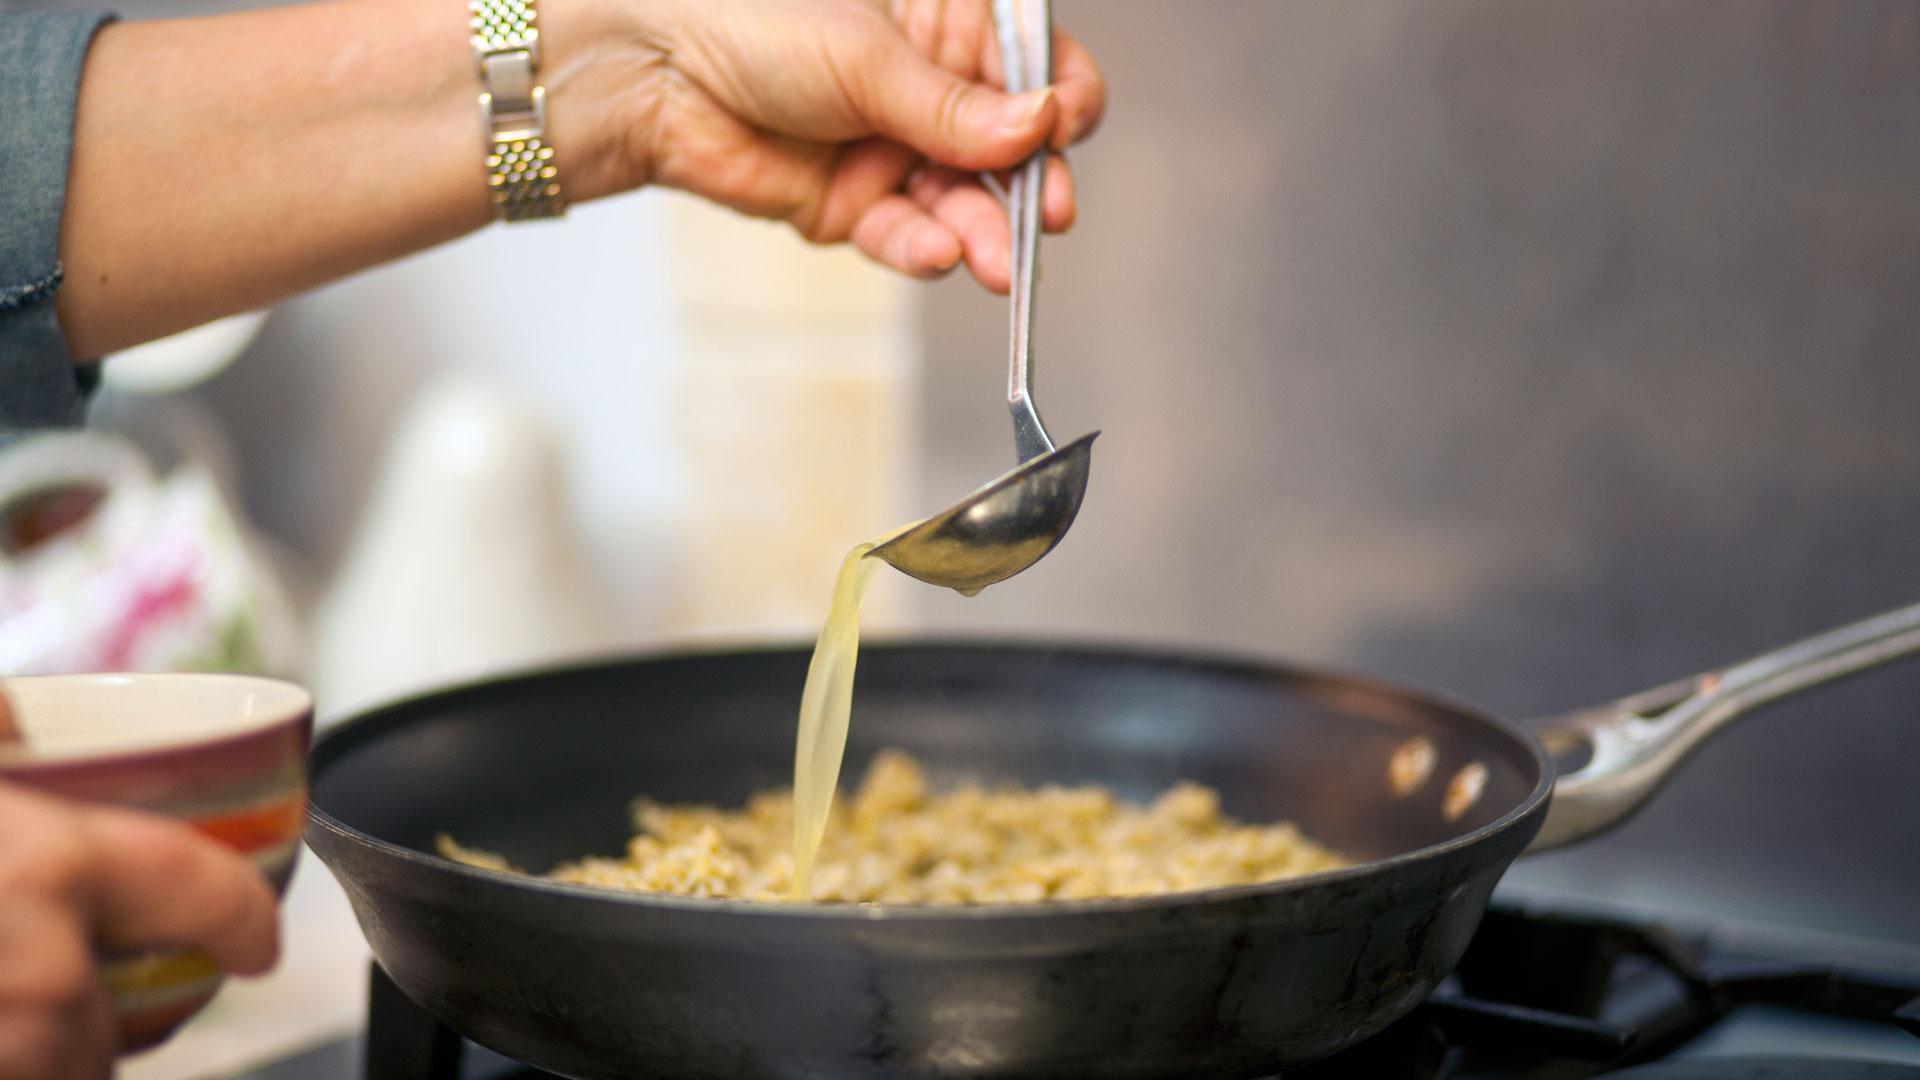 Sara-Prezman-preparing-healthy-recipes-for-Foodadit